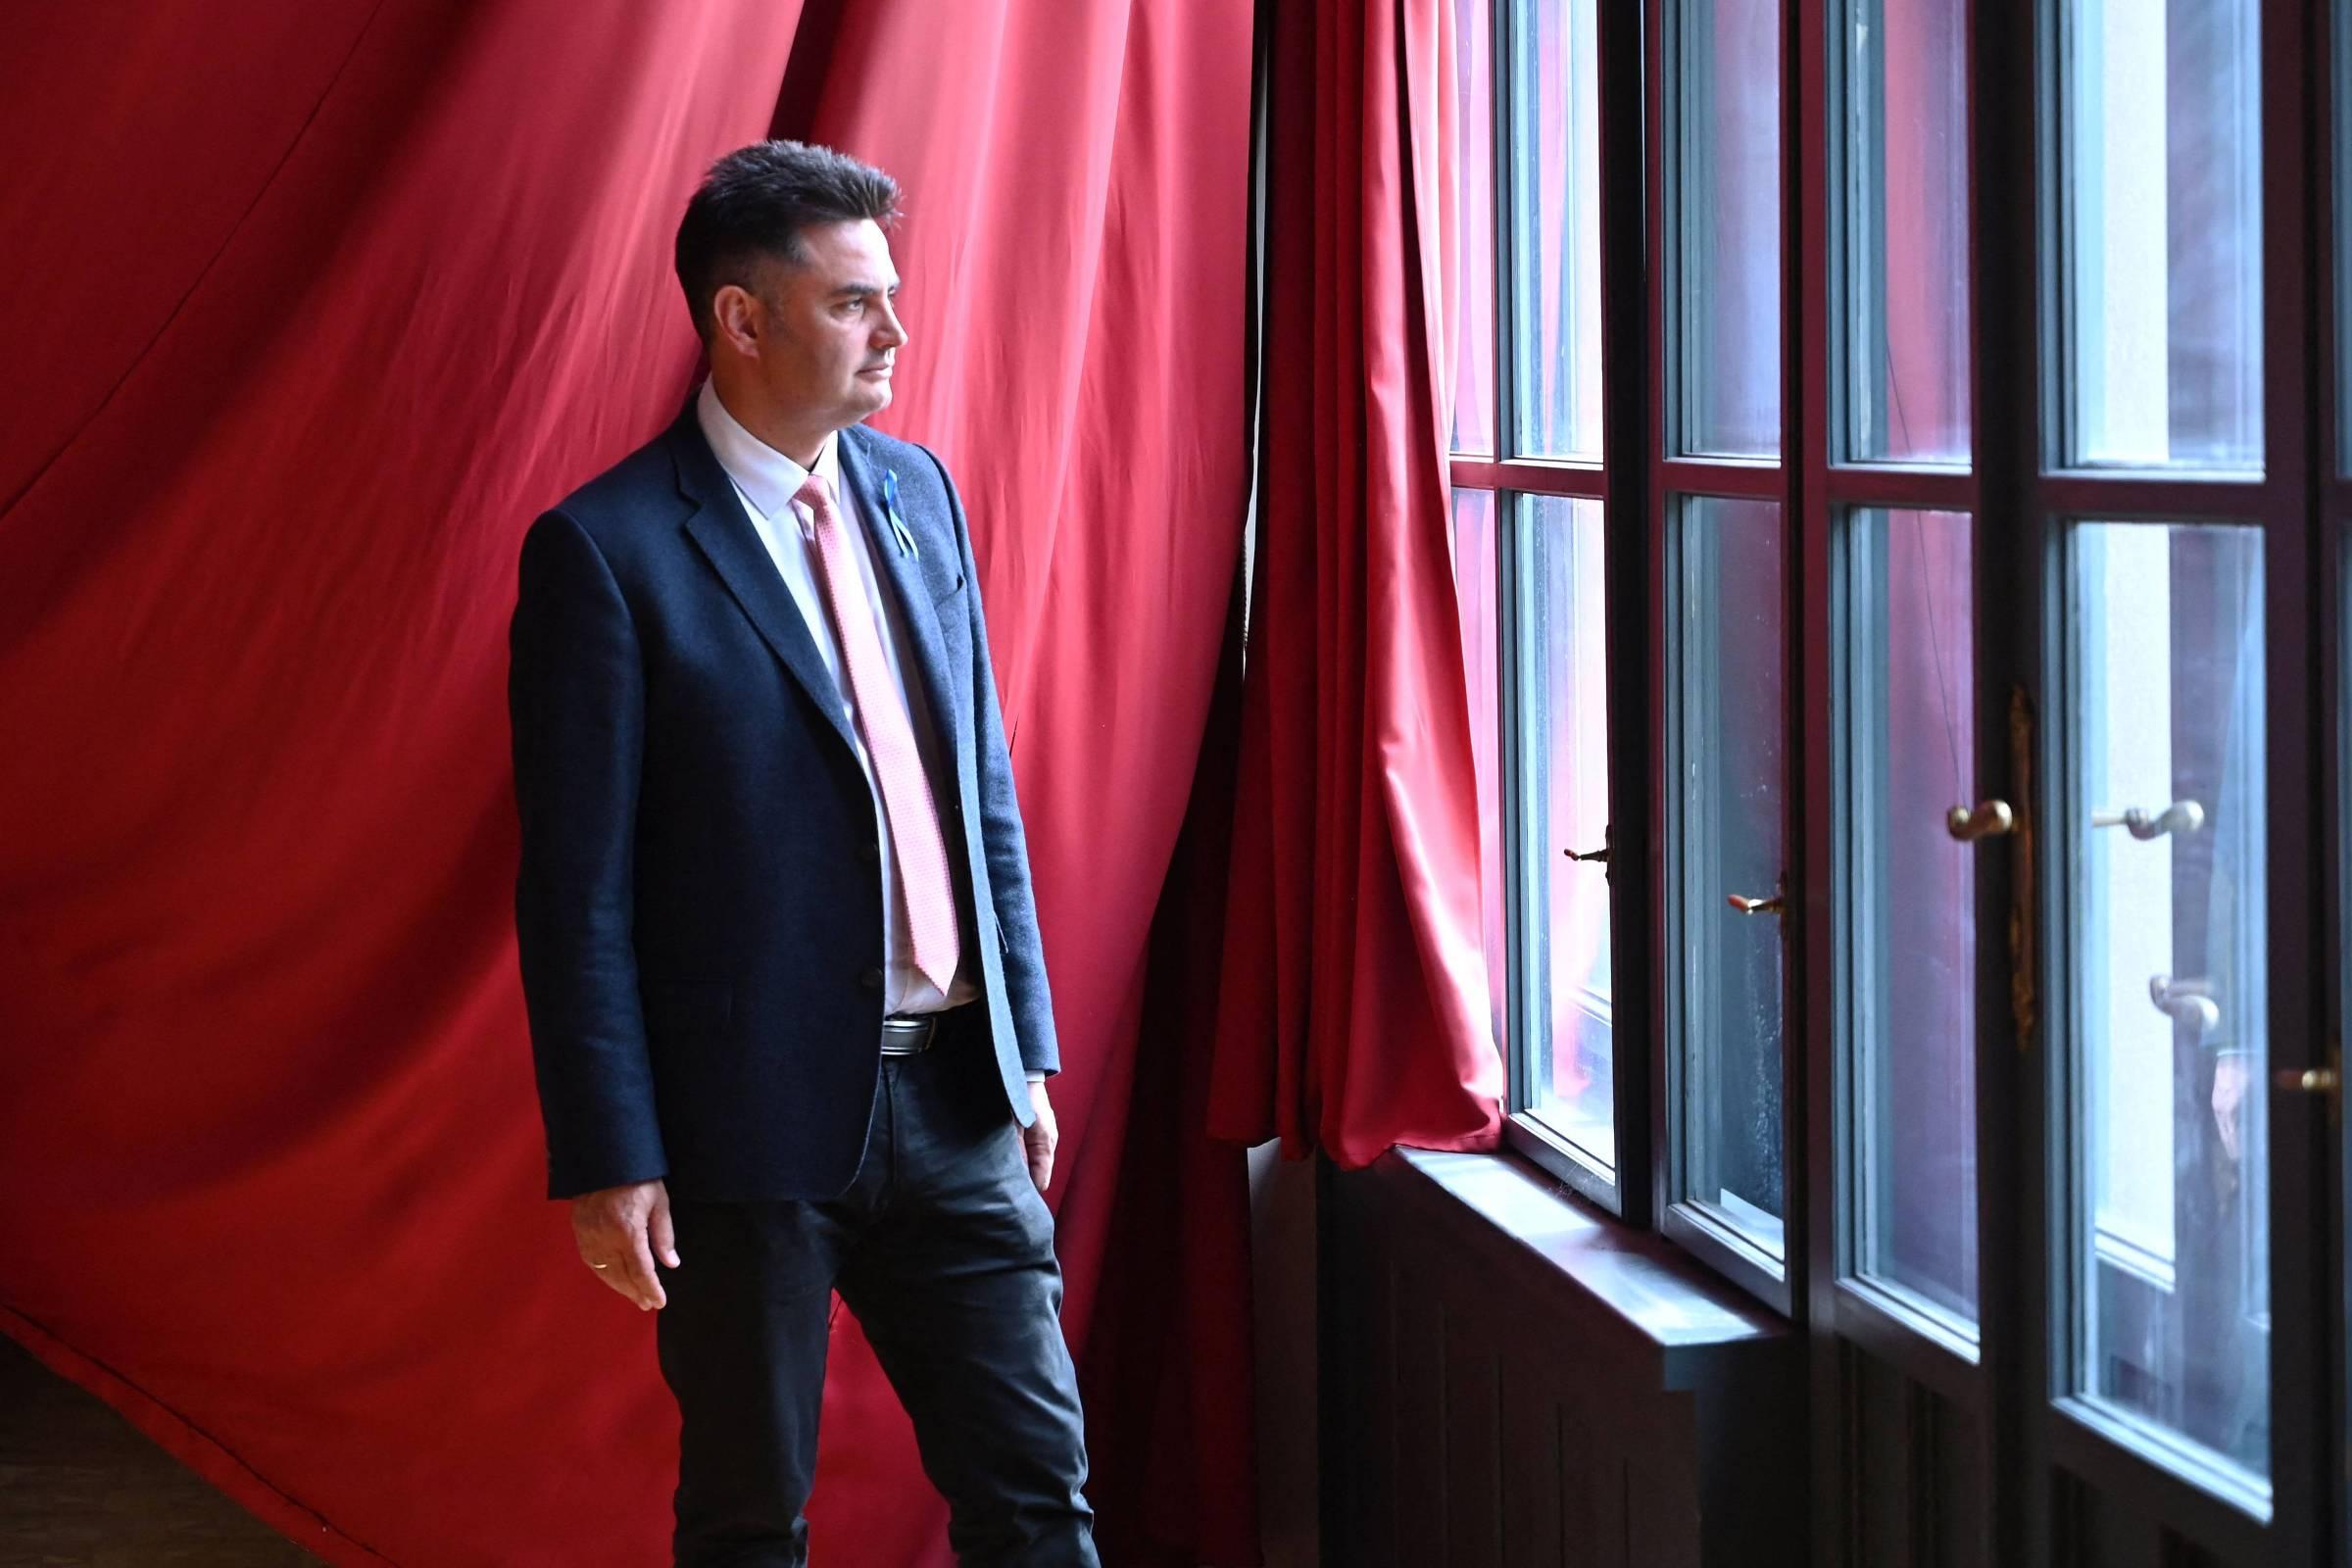 Oposição na Hungria acerta com nome conservador, diz especialista